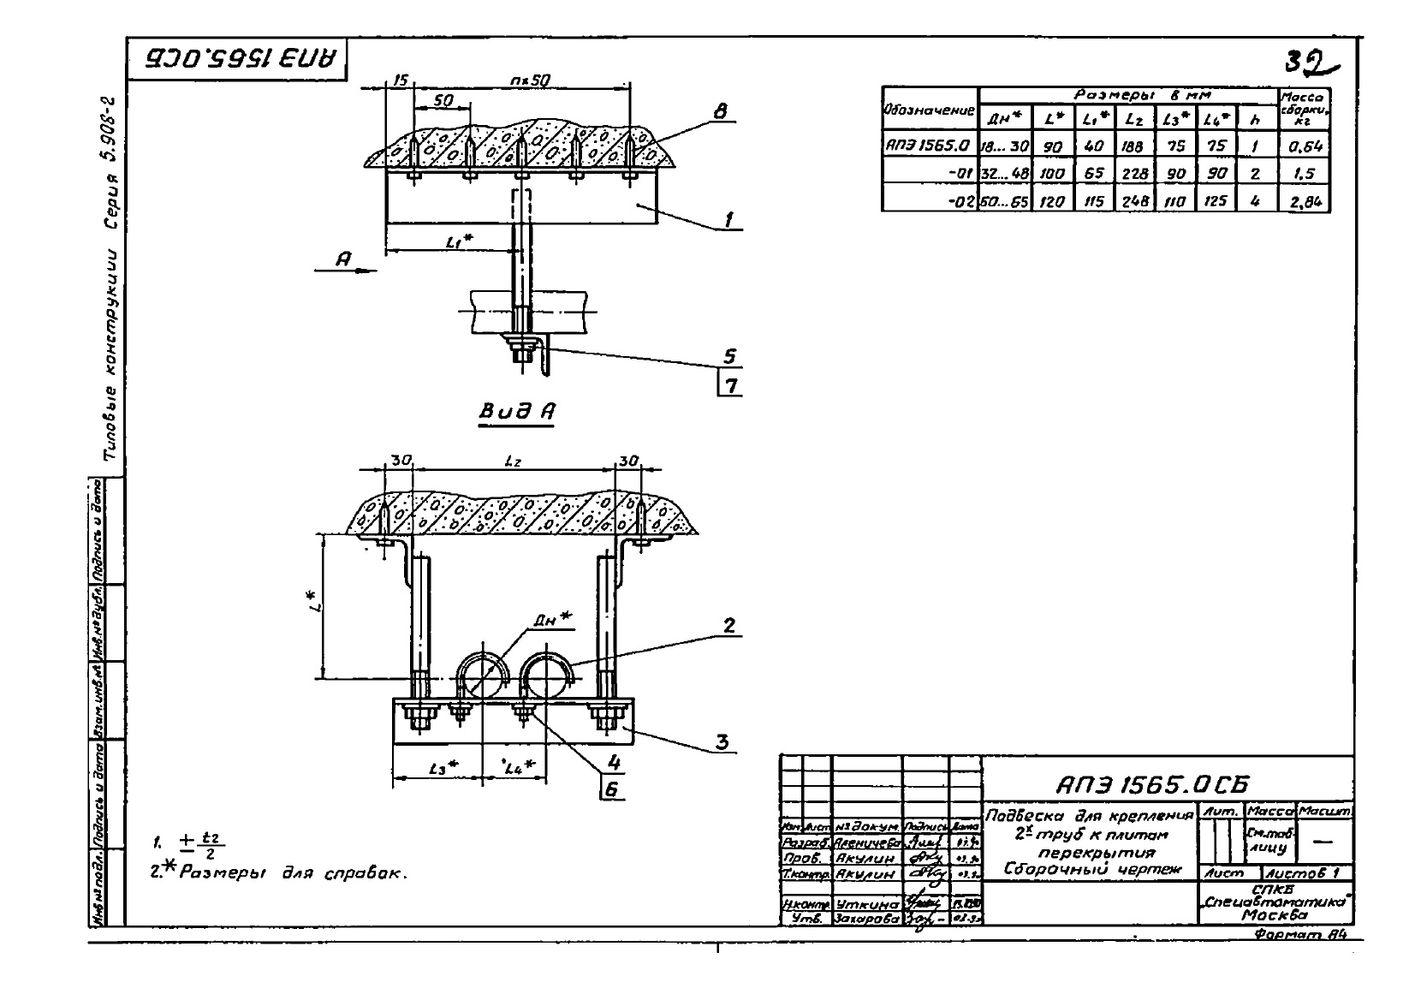 Подвеска АПЭ 1565.0 серия 5.908-2 стр.1